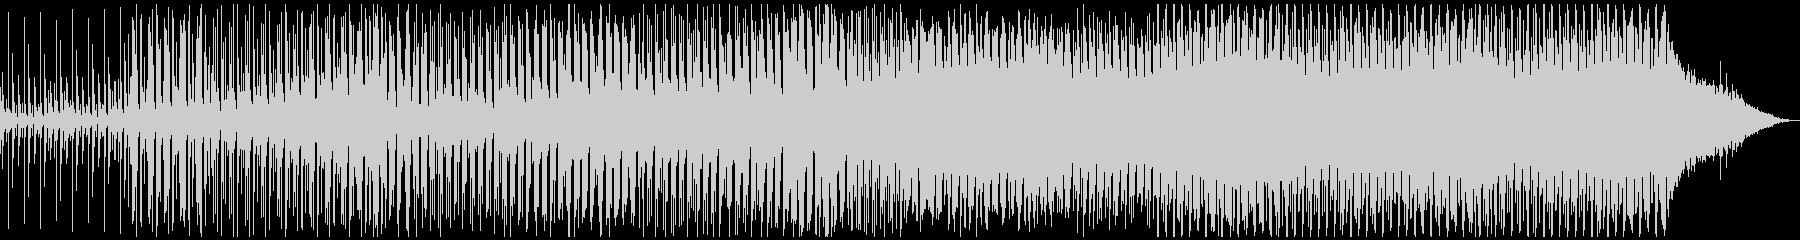 切なイイ感じ♫ EDM Track09の未再生の波形